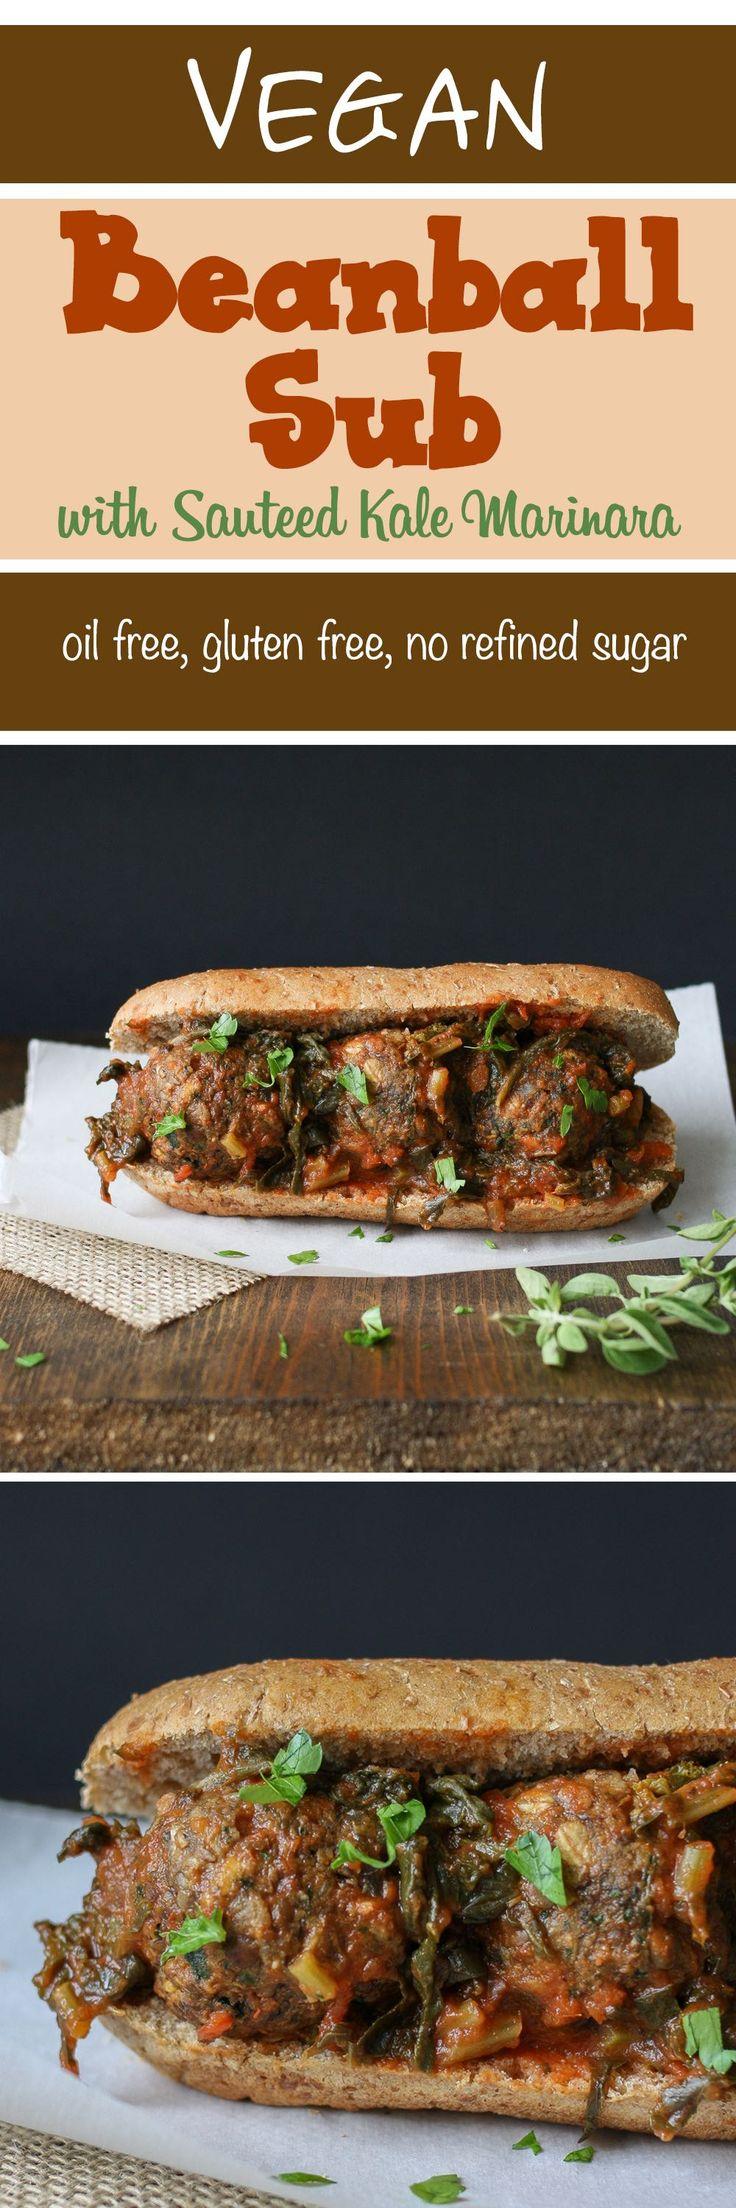 Vegan beanball sub | www.veggiesdontbite.com | #vegan #plantbased #glutenfree #beans #kale